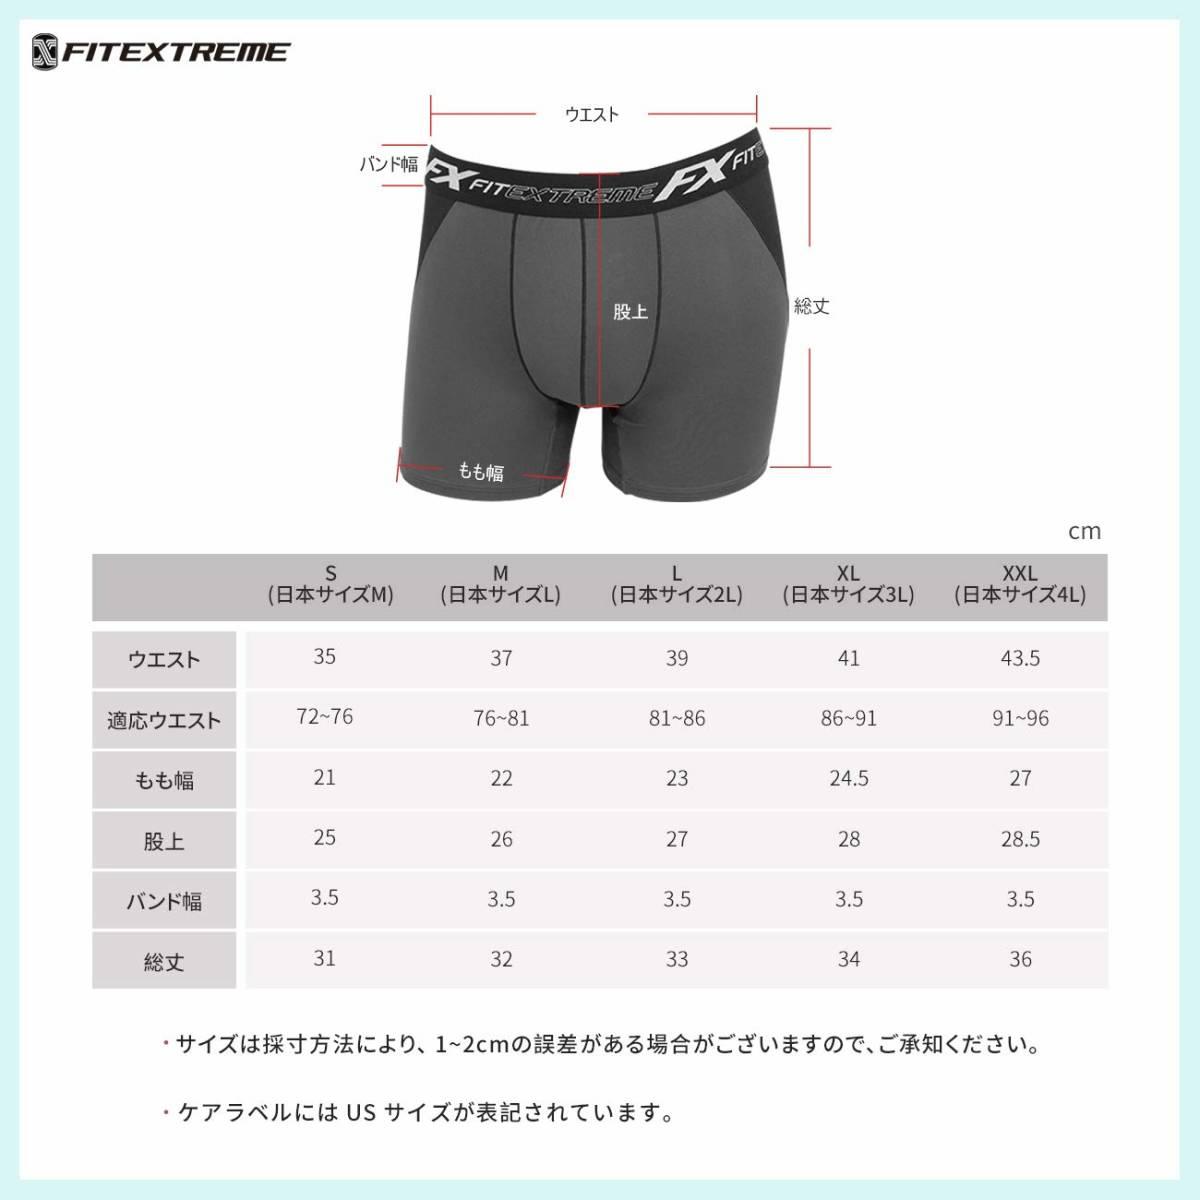 【未使用】フィットエックス FITEX 通気 メッシュ 立体 5枚組 ボクサーパンツ 男性 下着 日本Mサイズ ひ_画像6